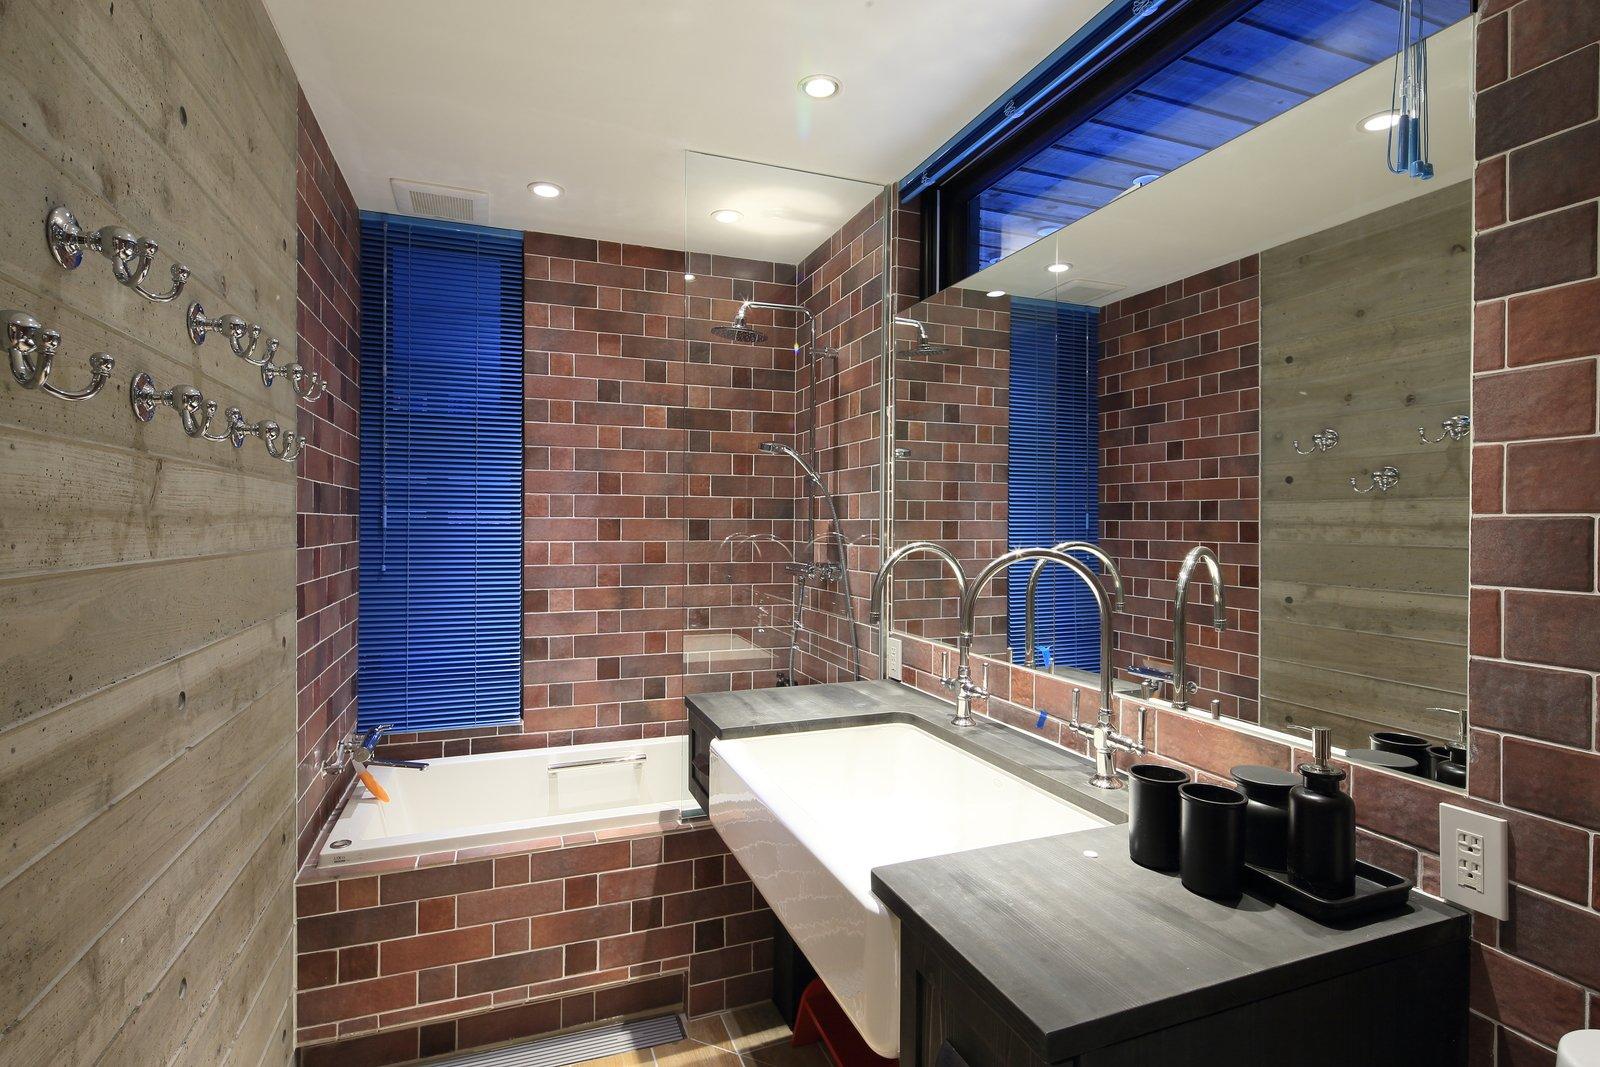 Gustav hideaway bathroom 6 large